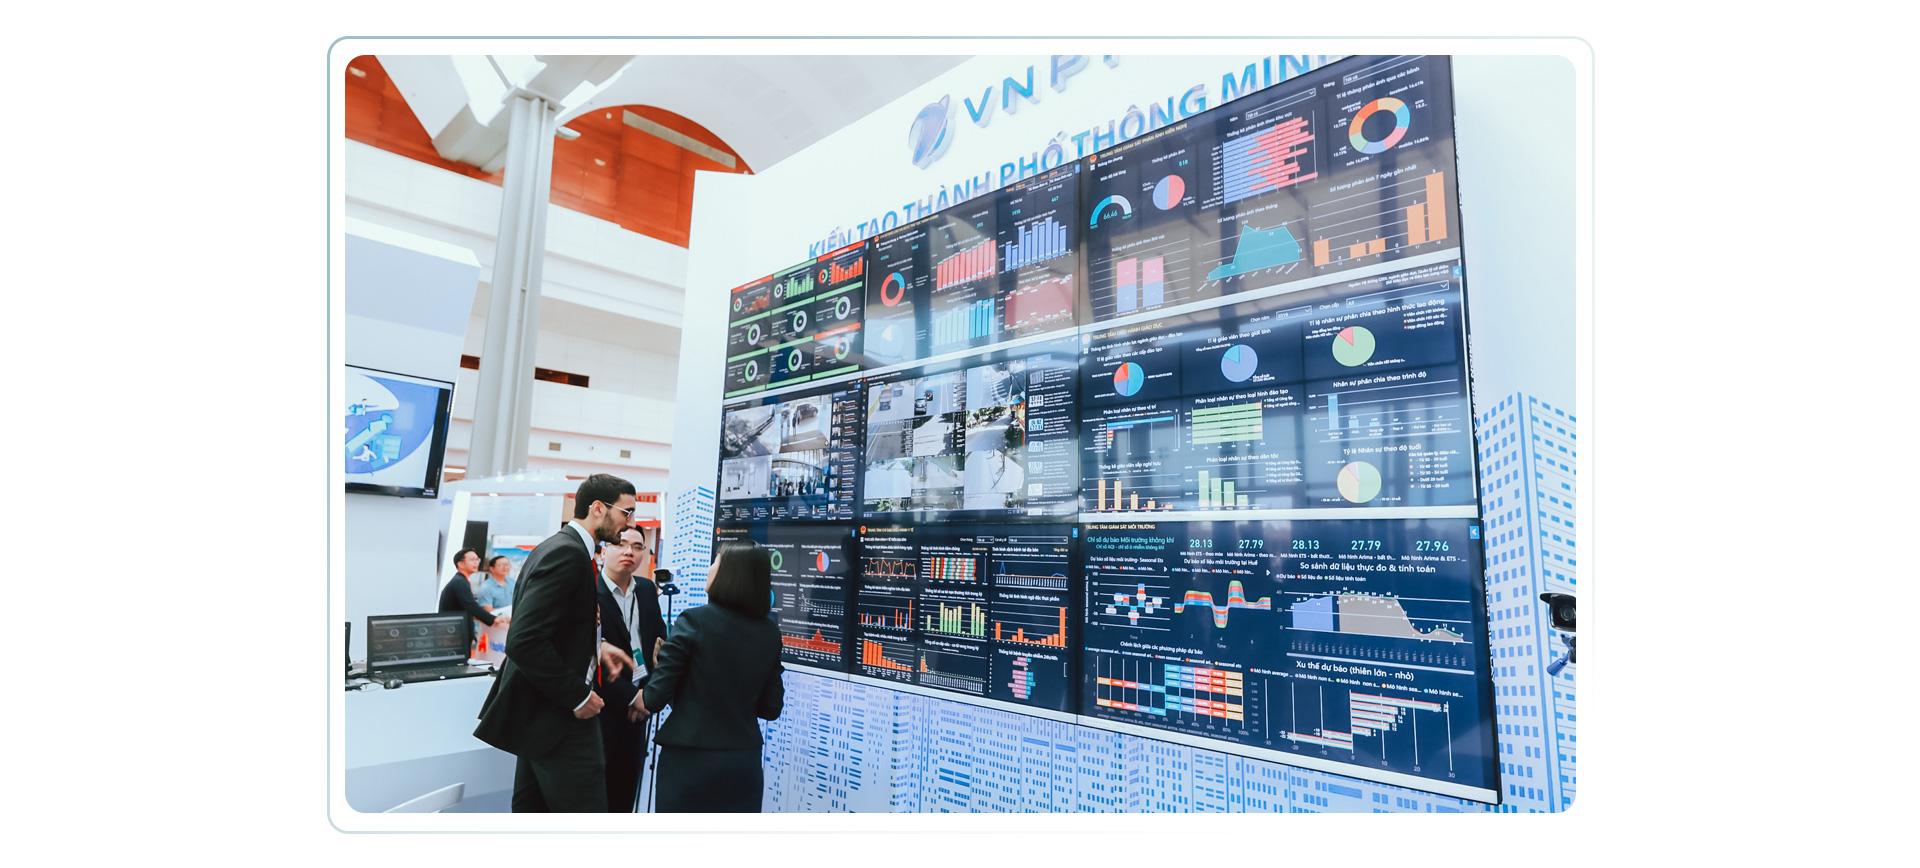 Thúc đẩy kinh tế số bằng nền tảng công nghệ Việt - Ảnh 2.